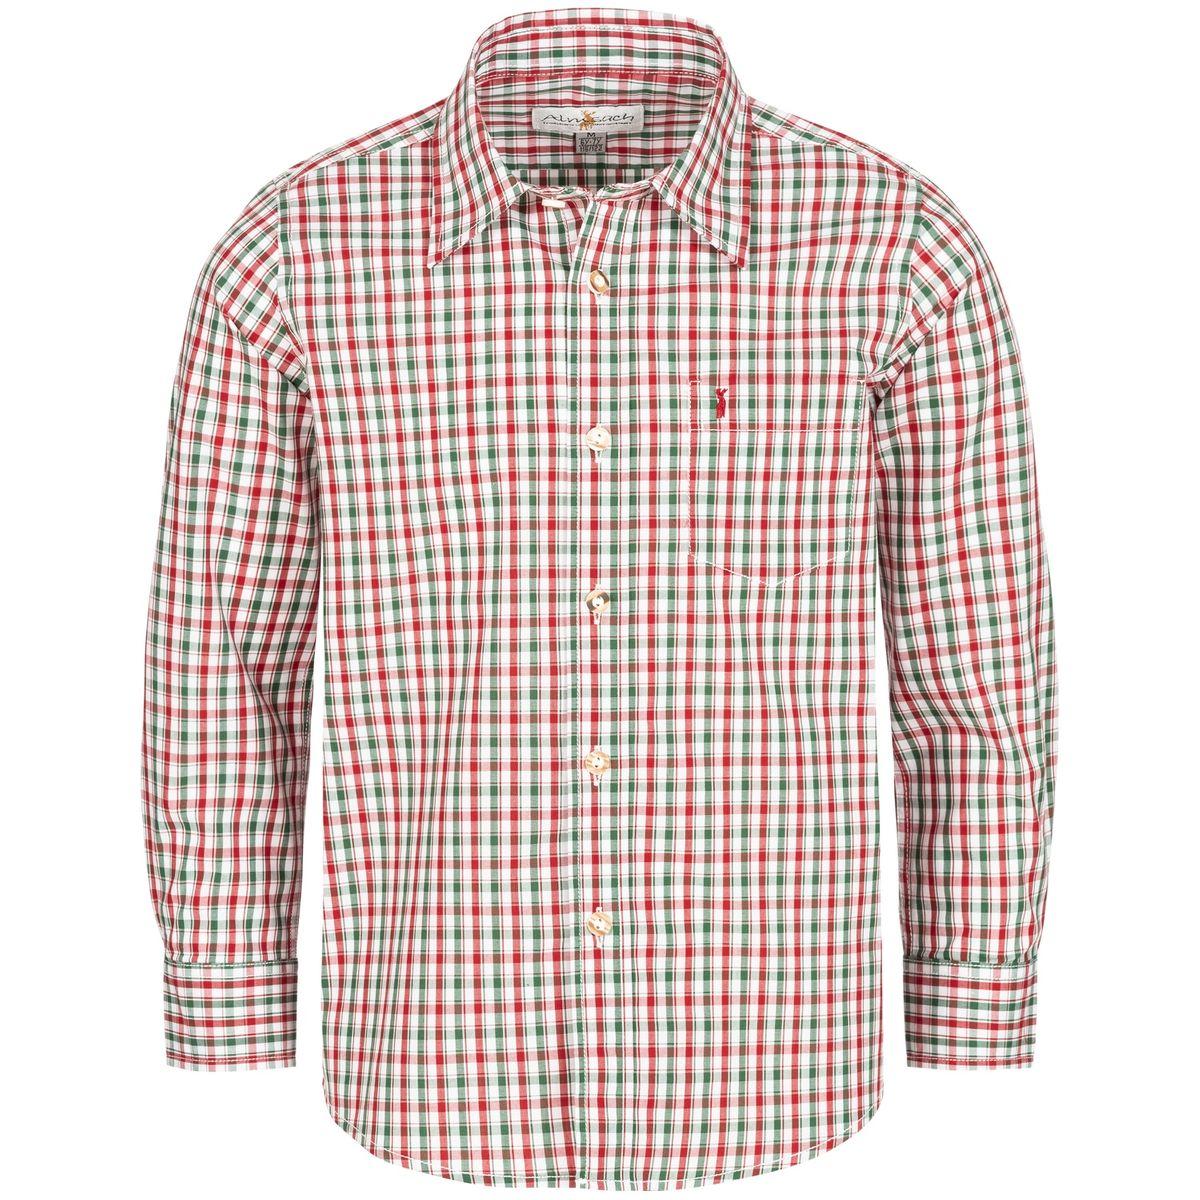 Trachtenhemd für Kinder zweifarbig in Rot und Dunkelgrün von Almsach günstig online kaufen